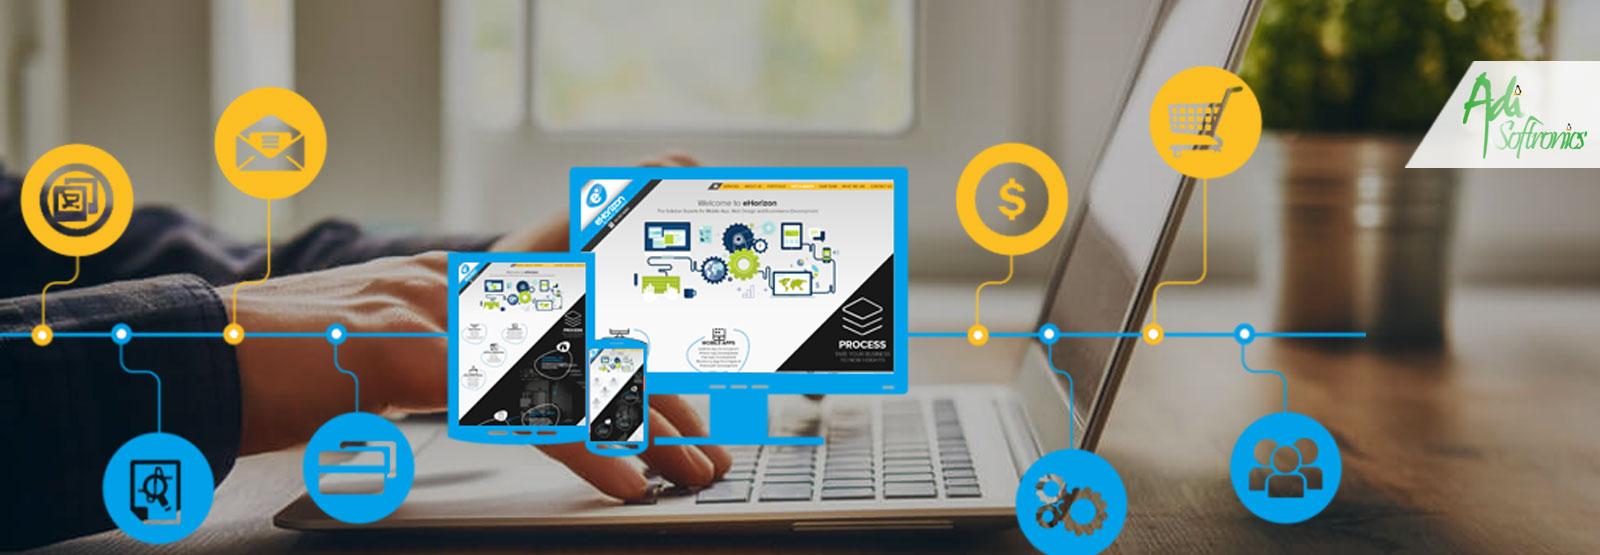 Adisoftronics : E commerce development